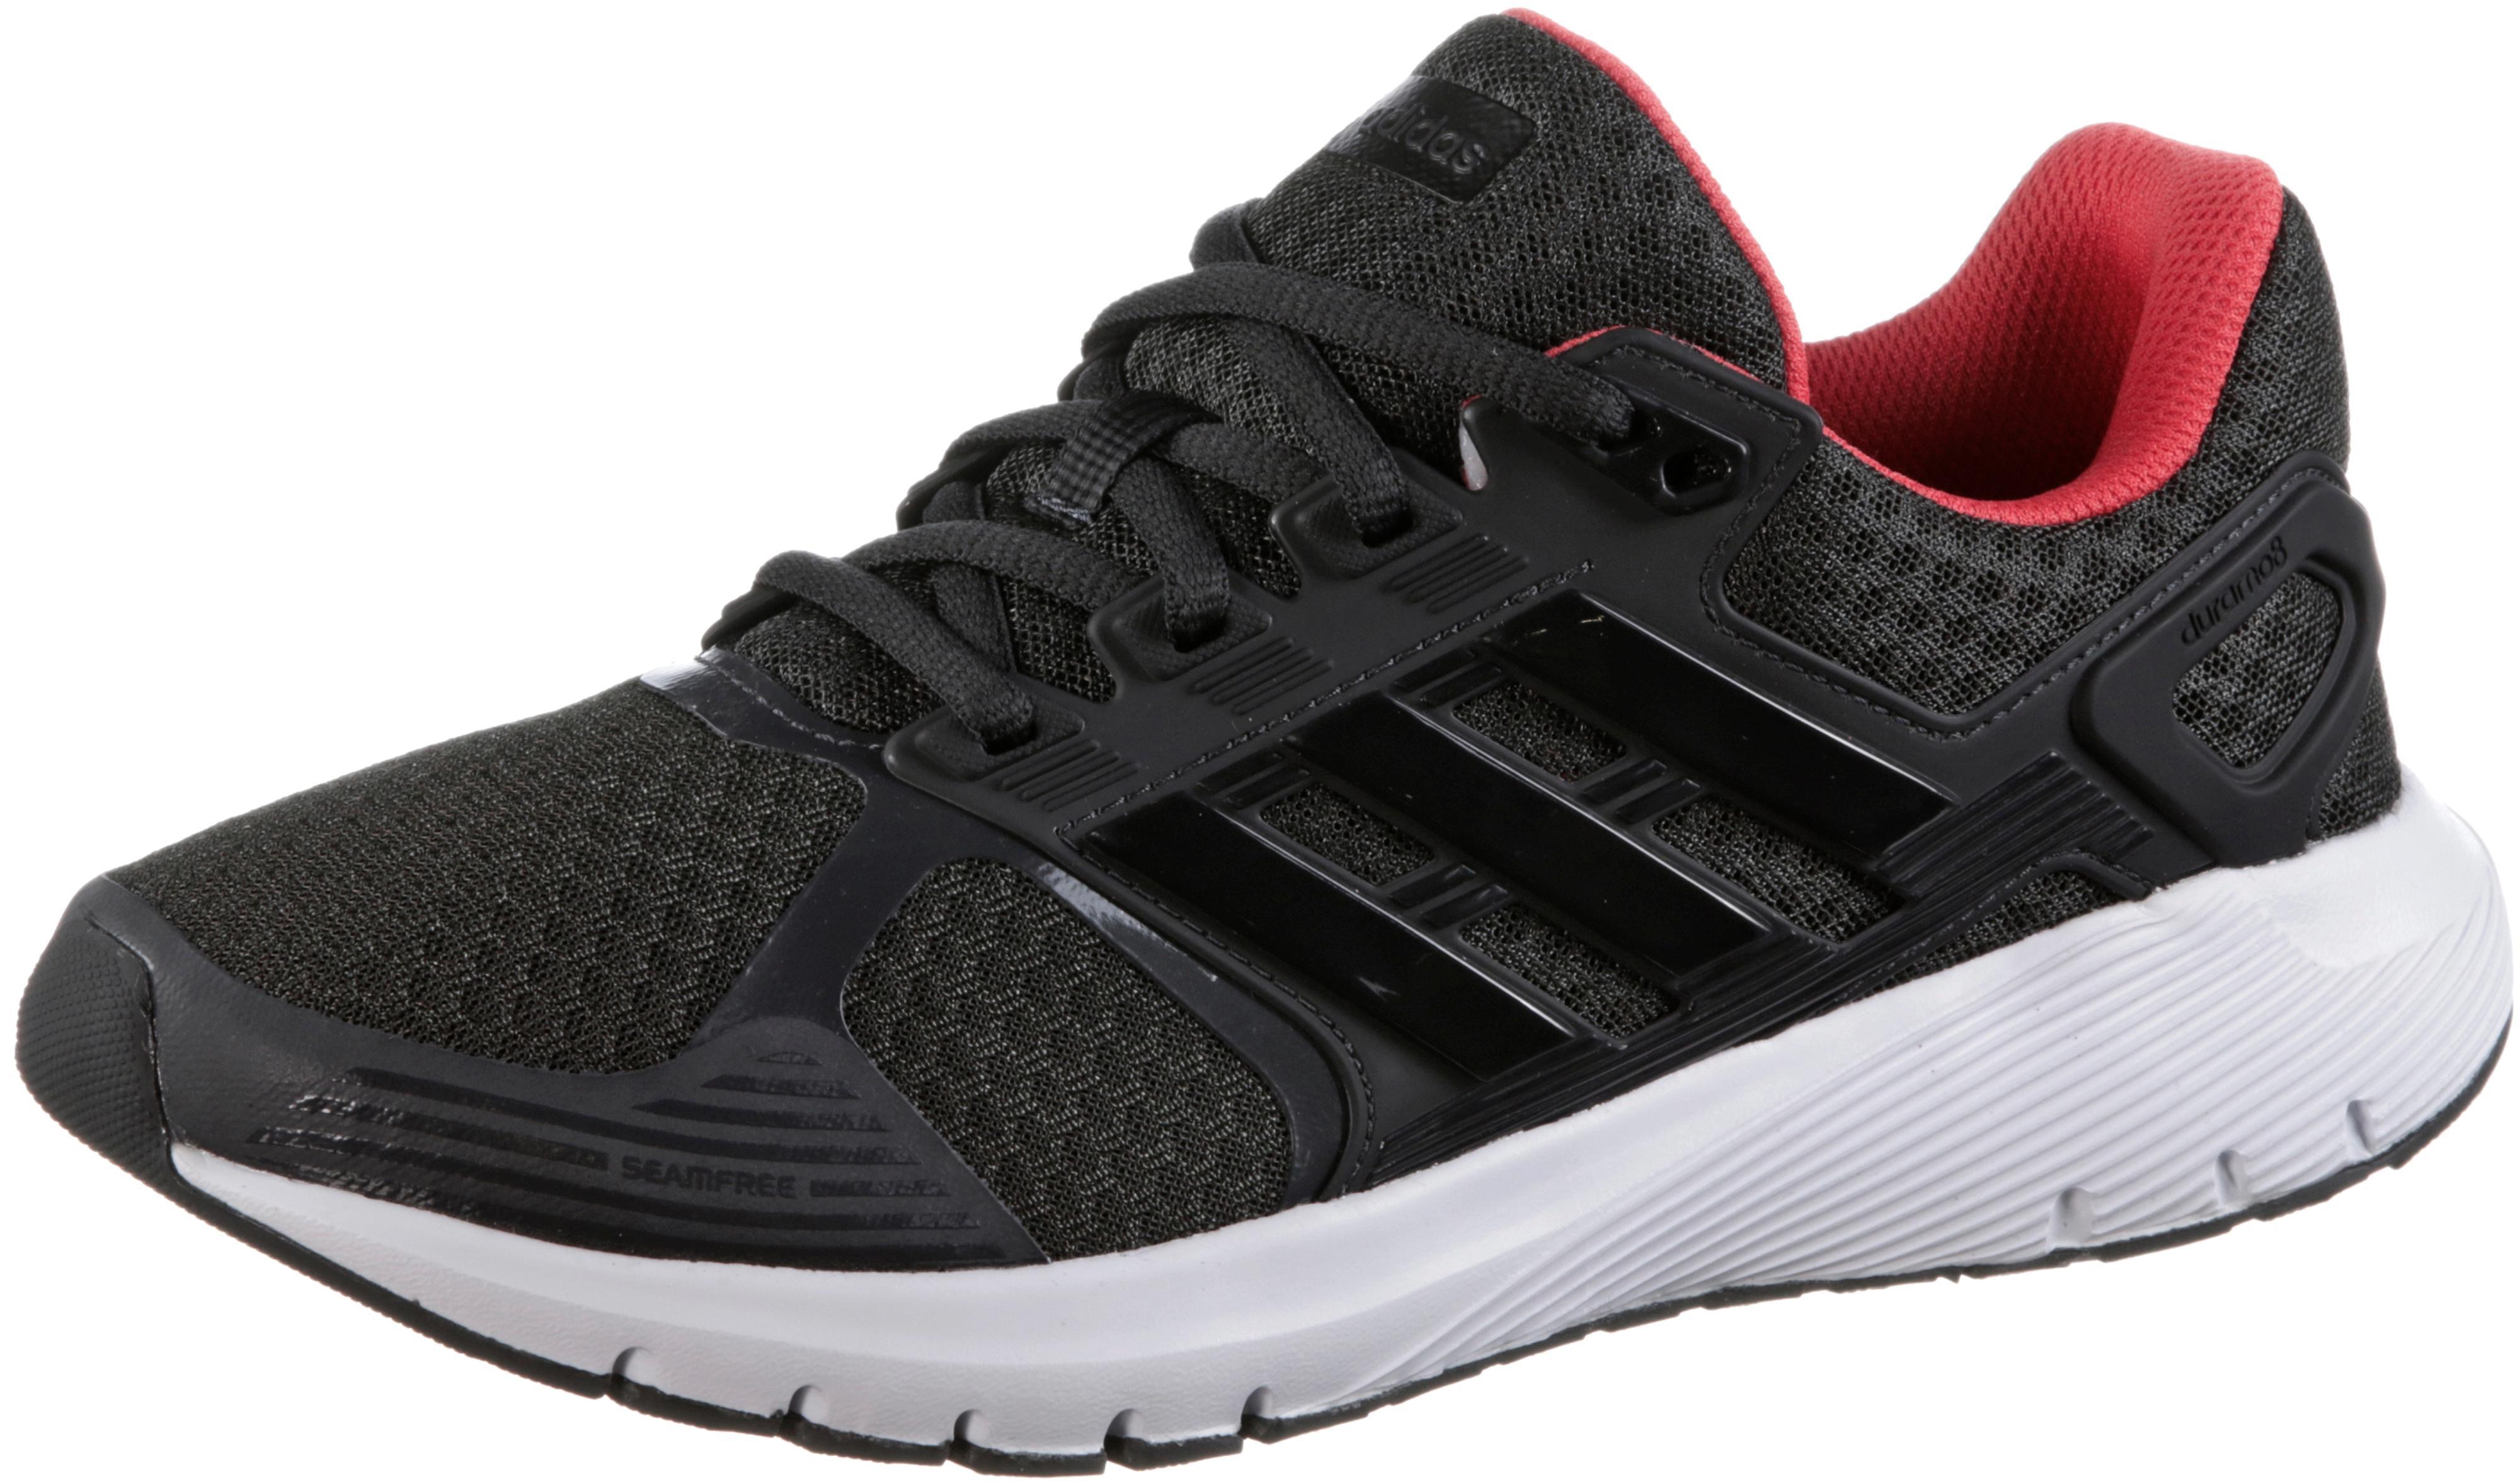 new product 93358 959b0 Adidas duramo 8 Laufschuhe Damen carbon im Online Shop von SportScheck  kaufen